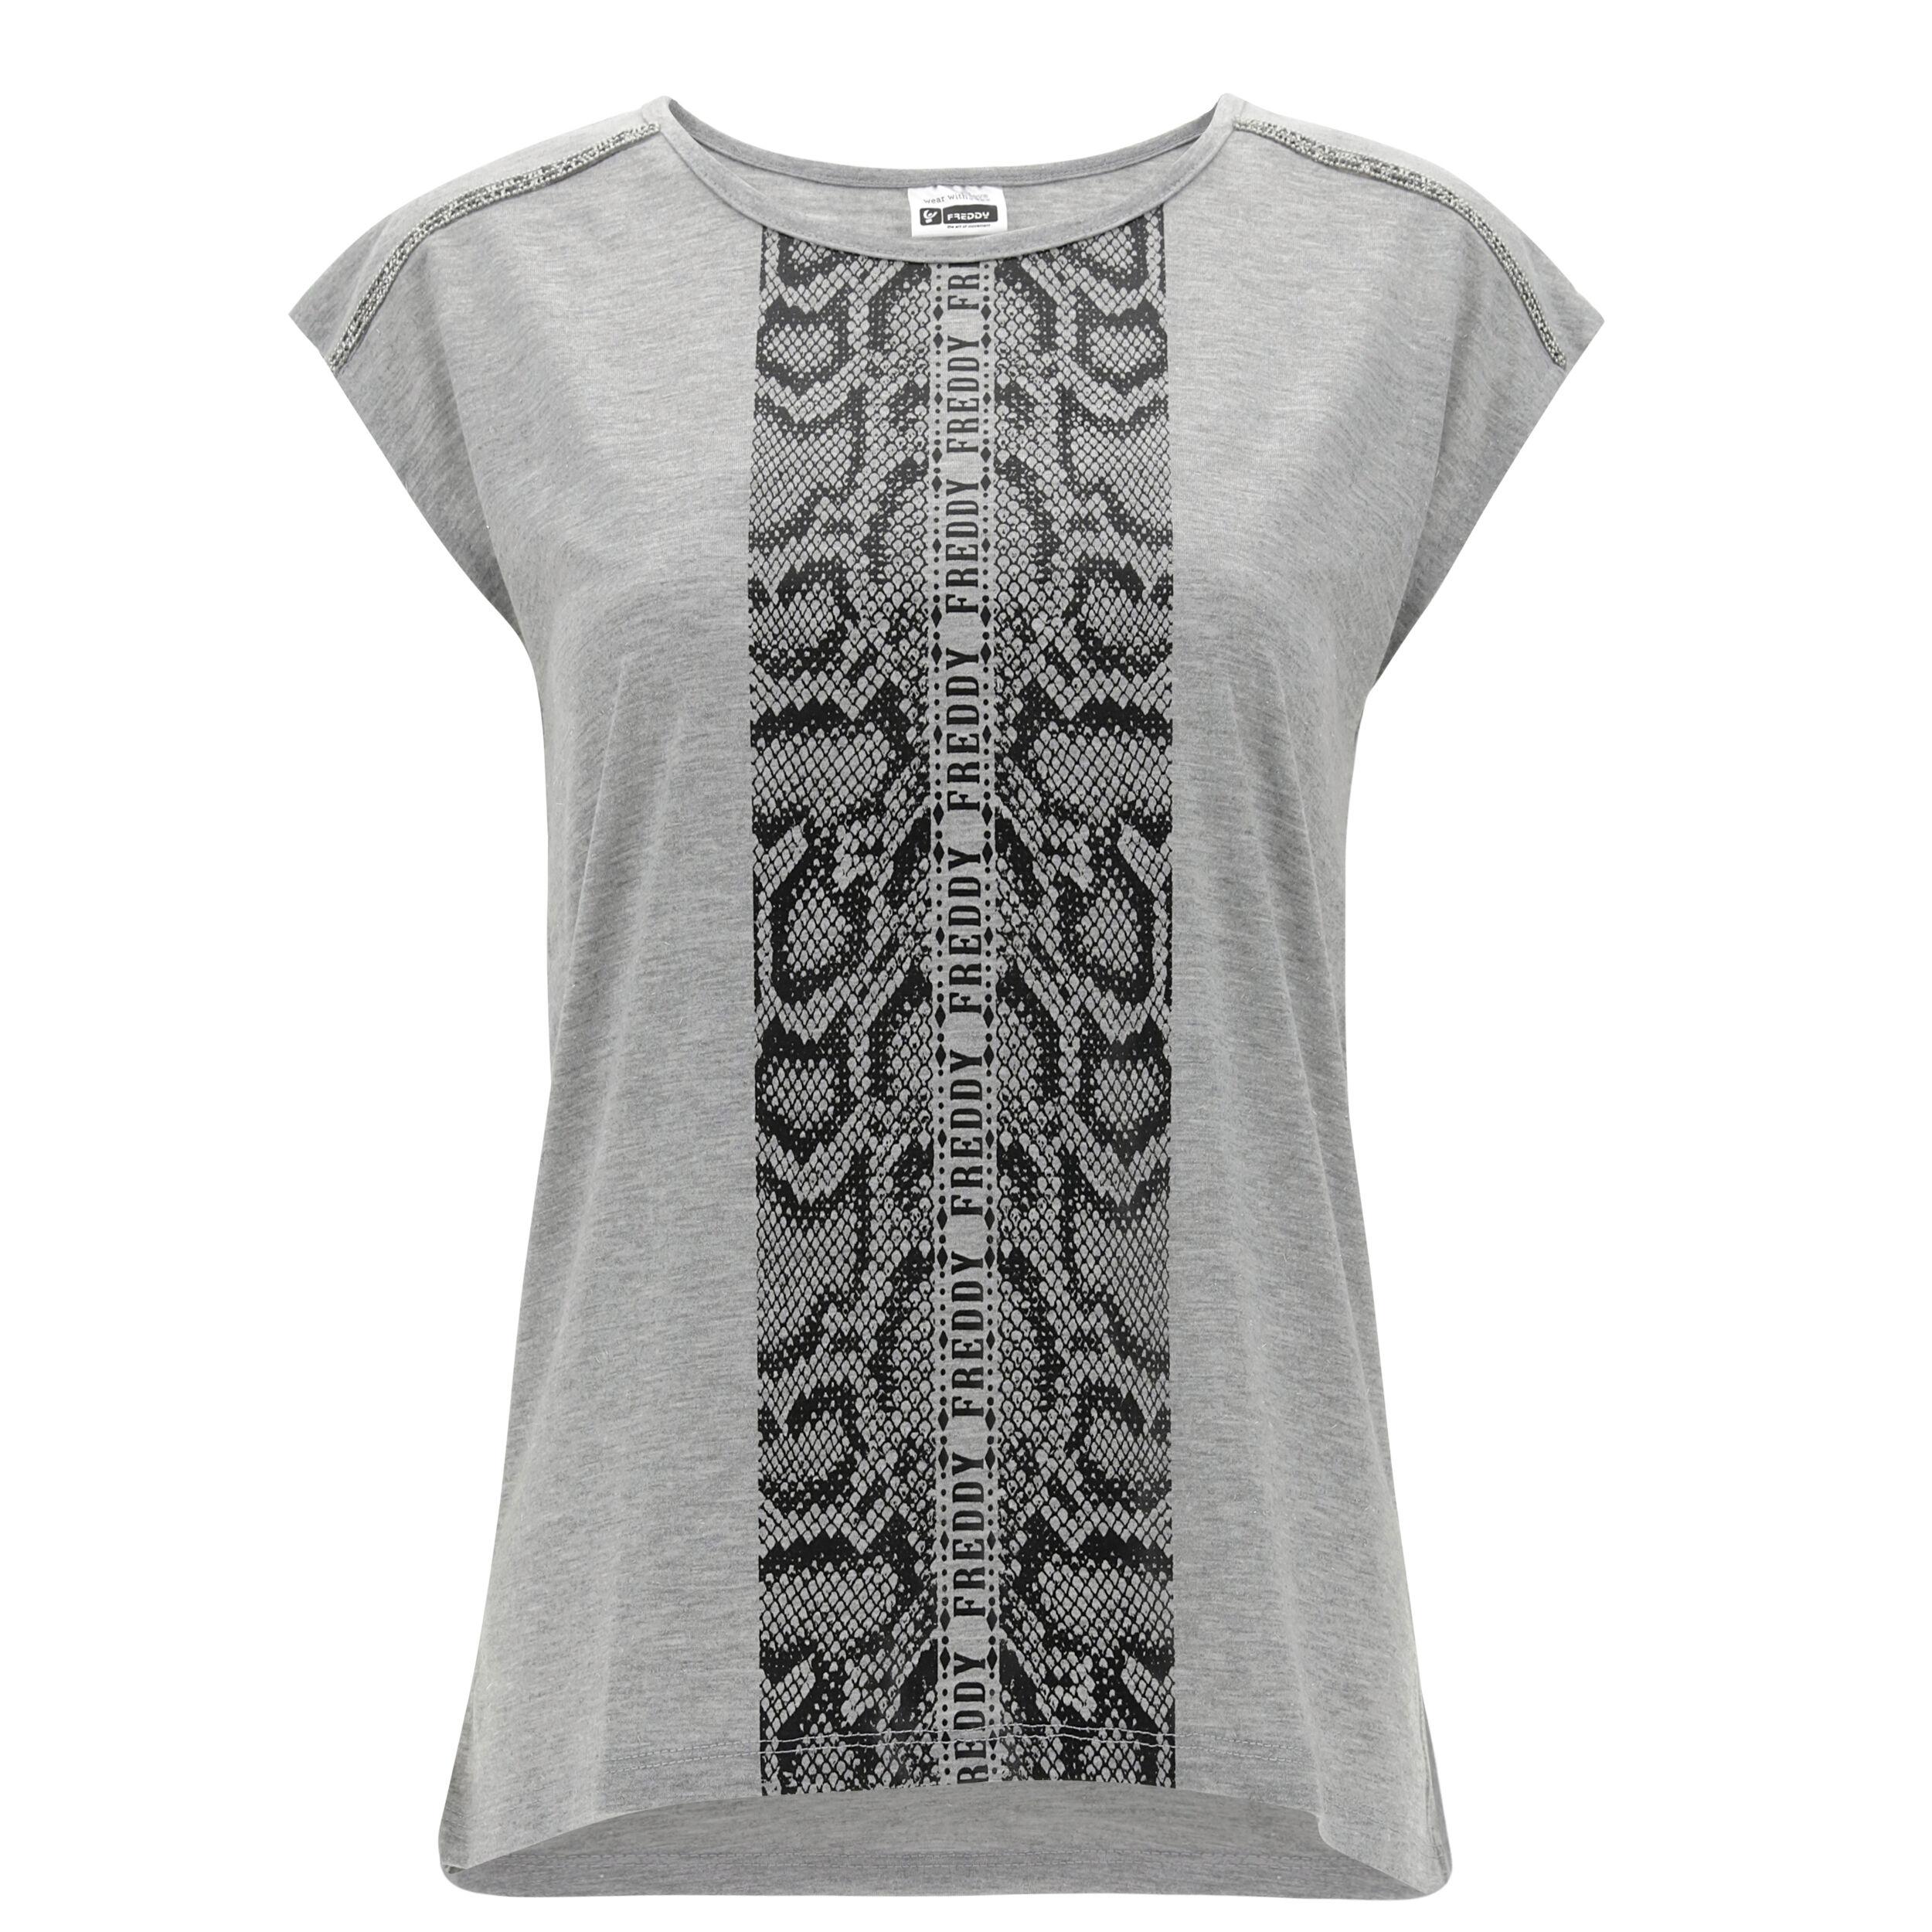 freddy t-shirt mélange con stampa reptile e nastri gioiello lurex melange gray